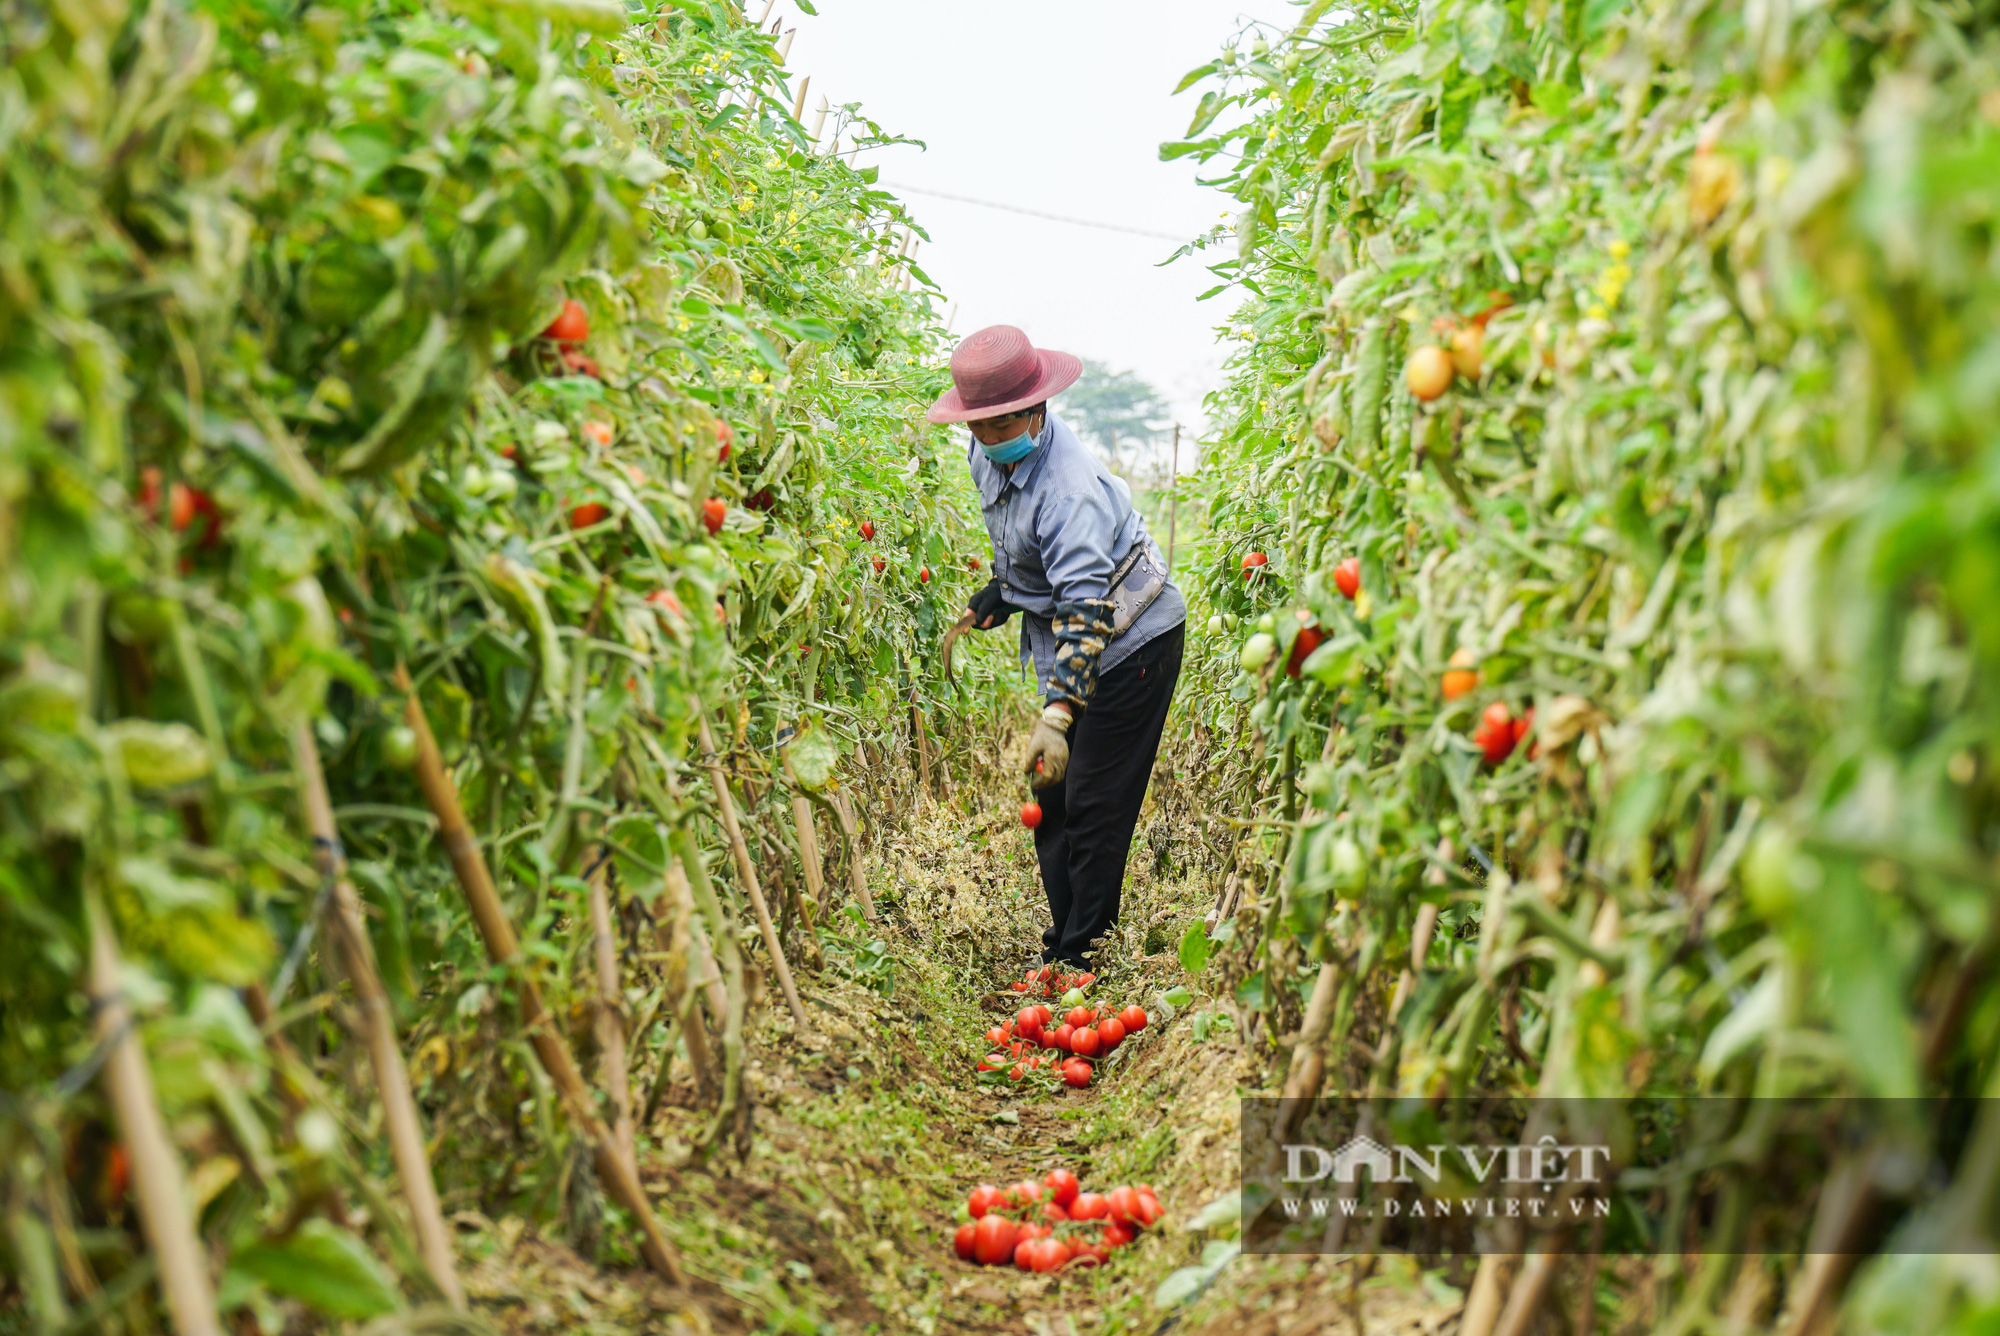 Củ cải thối phơi trắng cánh đồng, cà chua đỏ ửng không ai thu hoạch  - Ảnh 14.